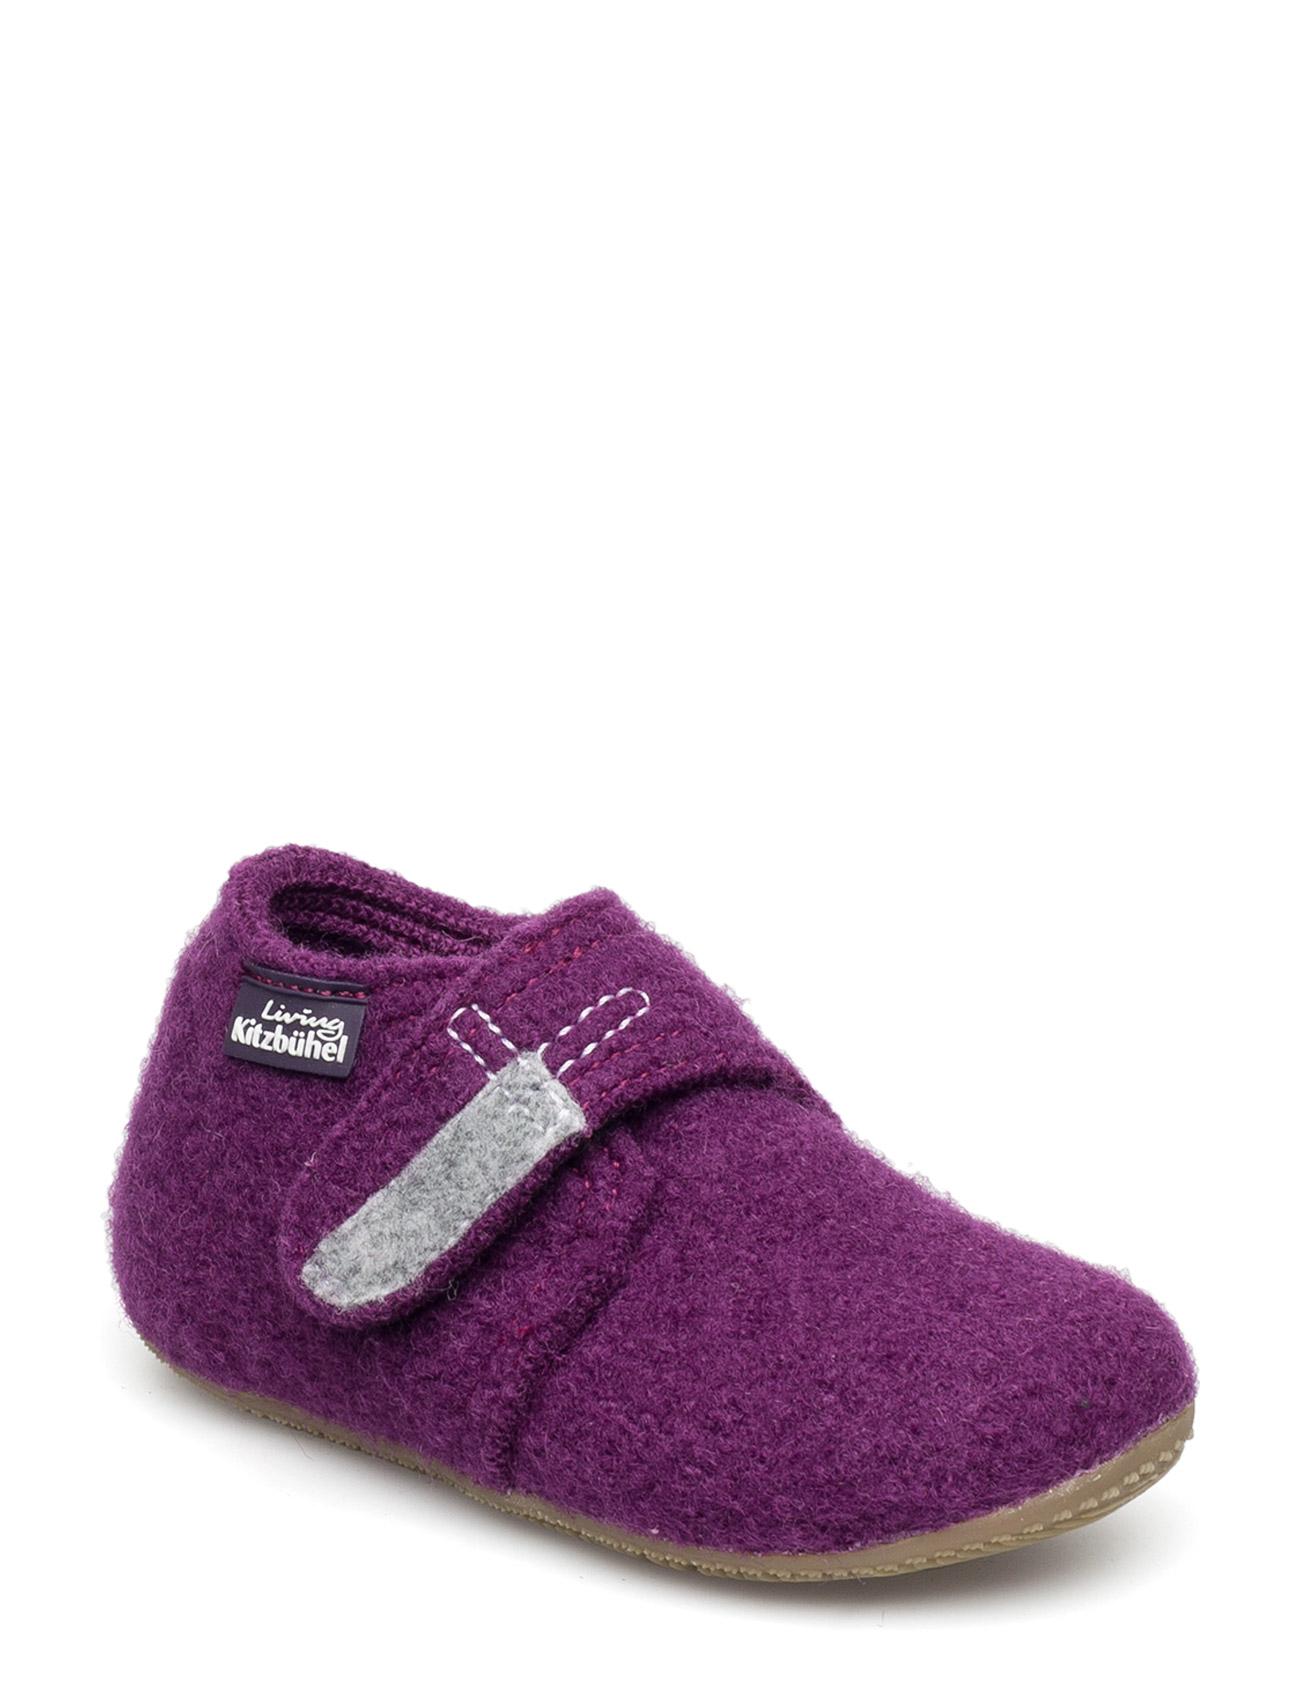 Baby Shoe With Velcro Uni Living Kitzbuhel Hjemmesko til Børn i Petunie